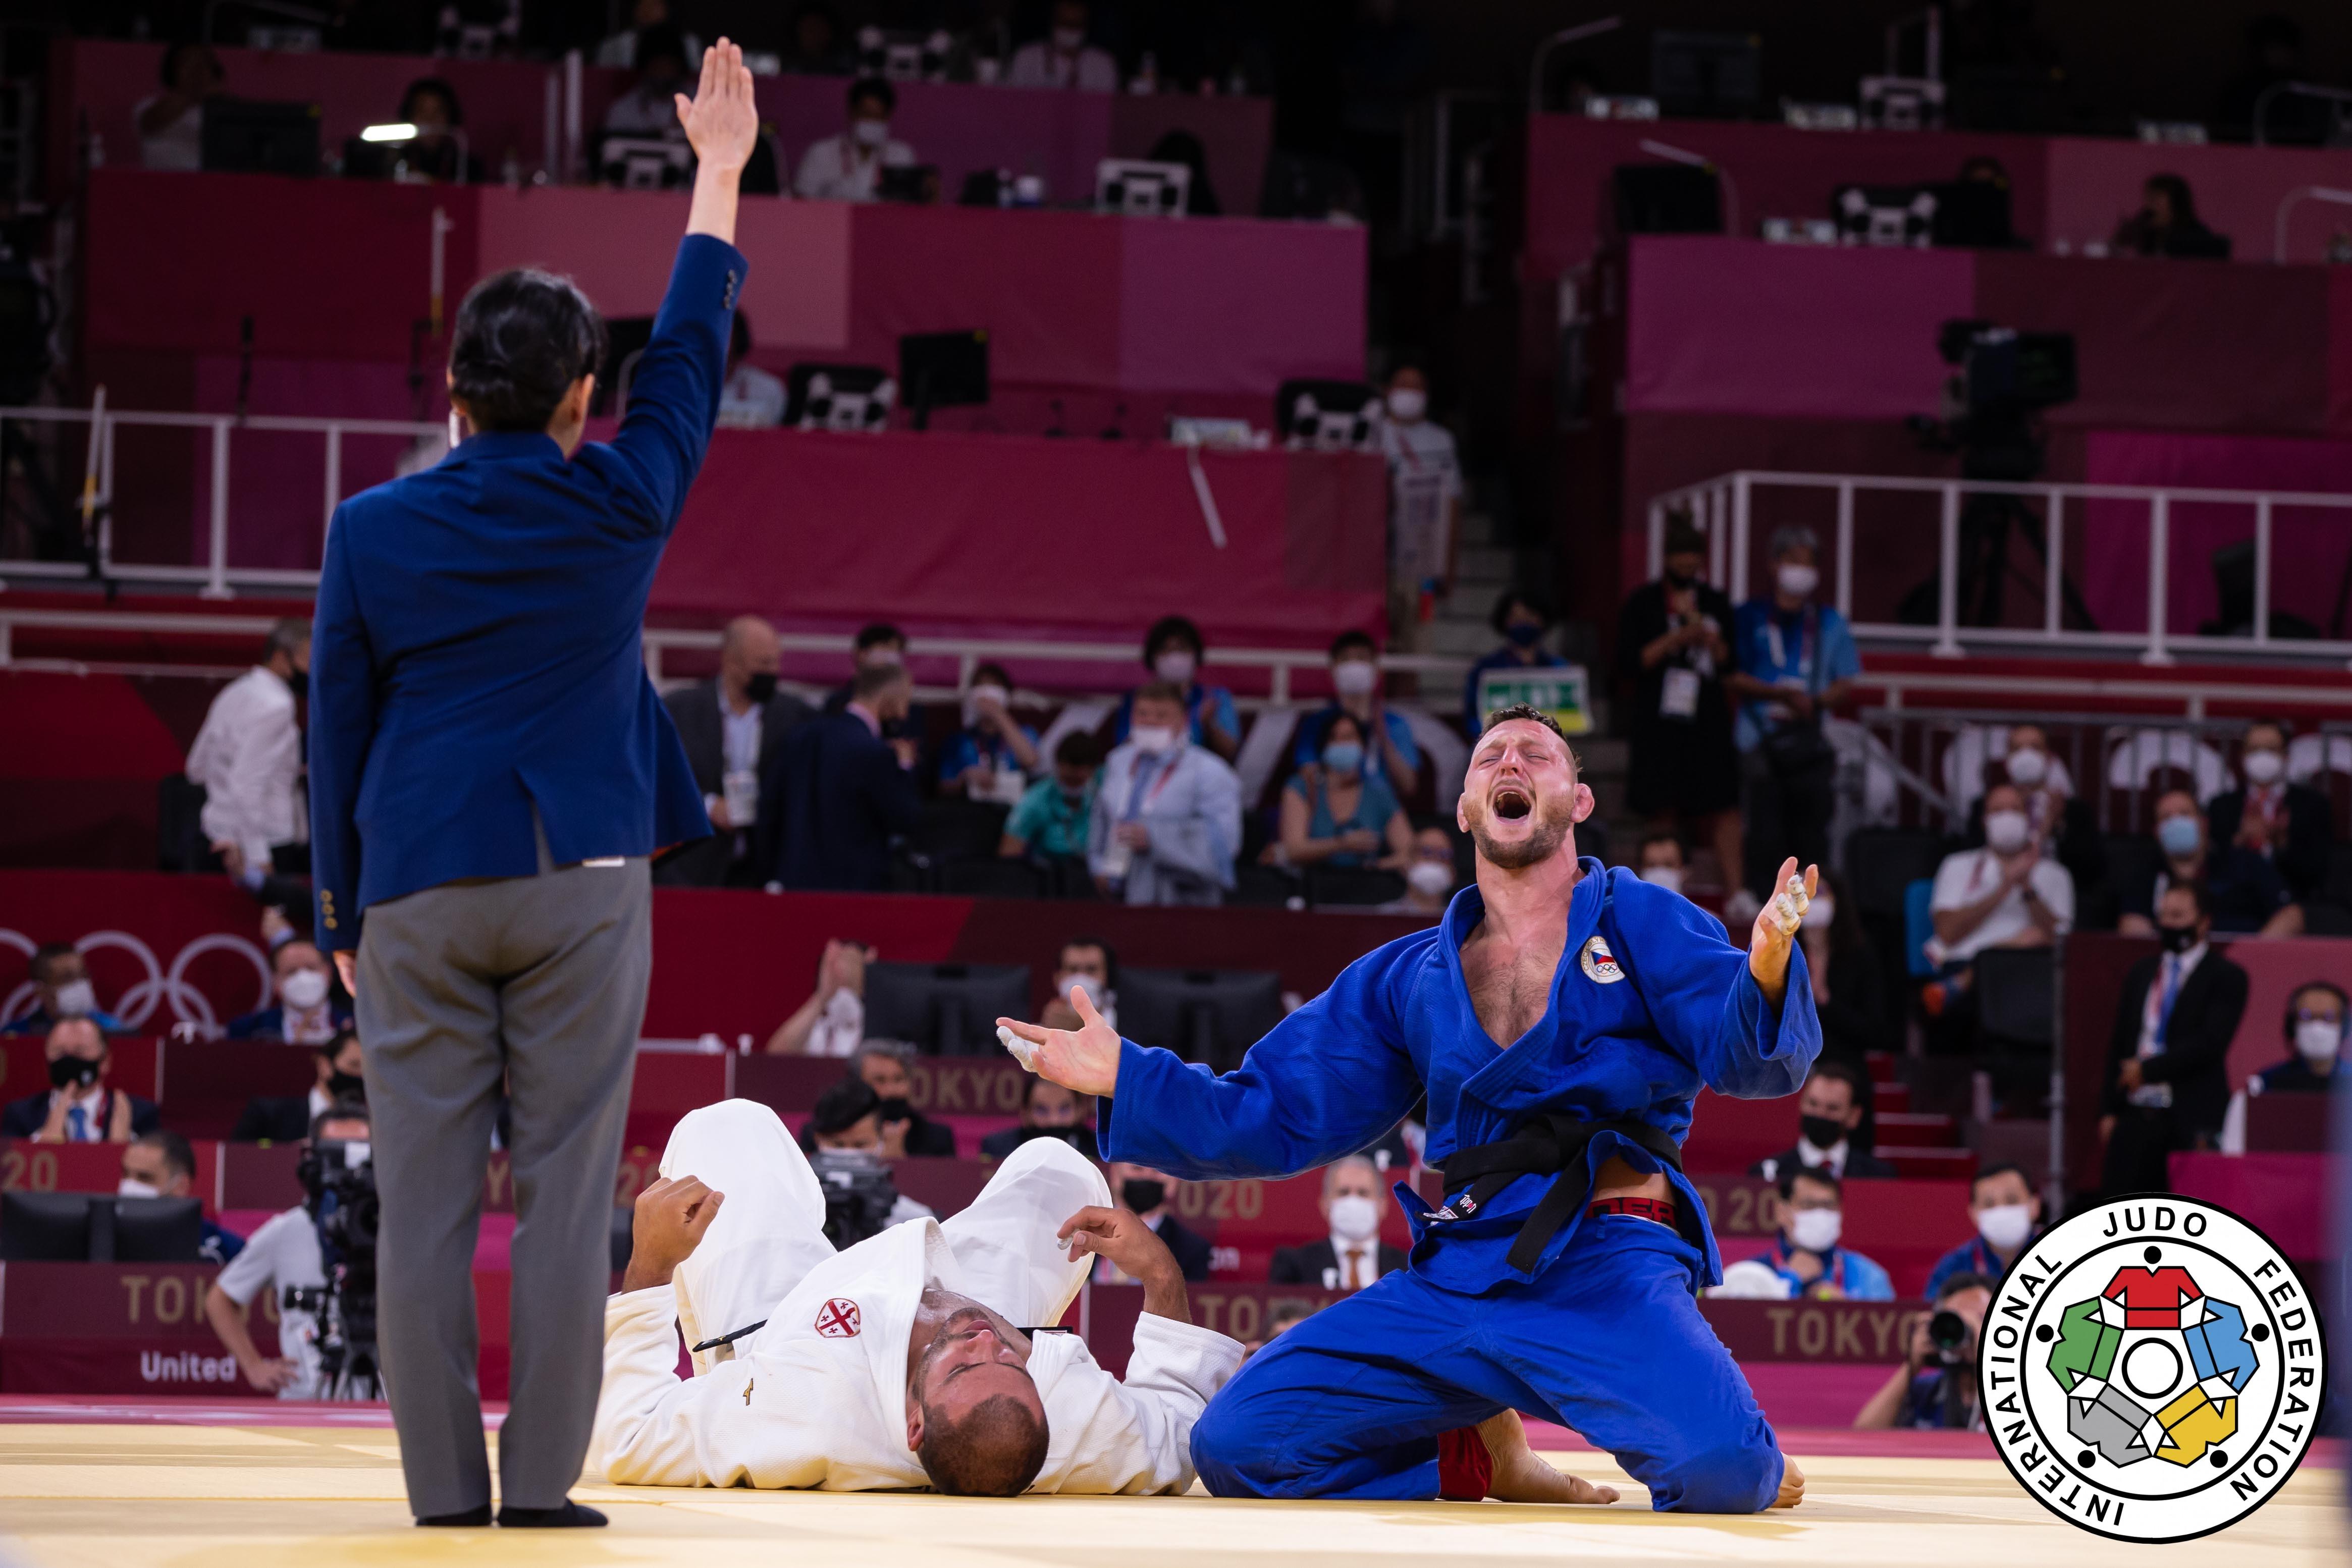 Olympic_Games_2021_Judo_Lukas_Krpalek_2